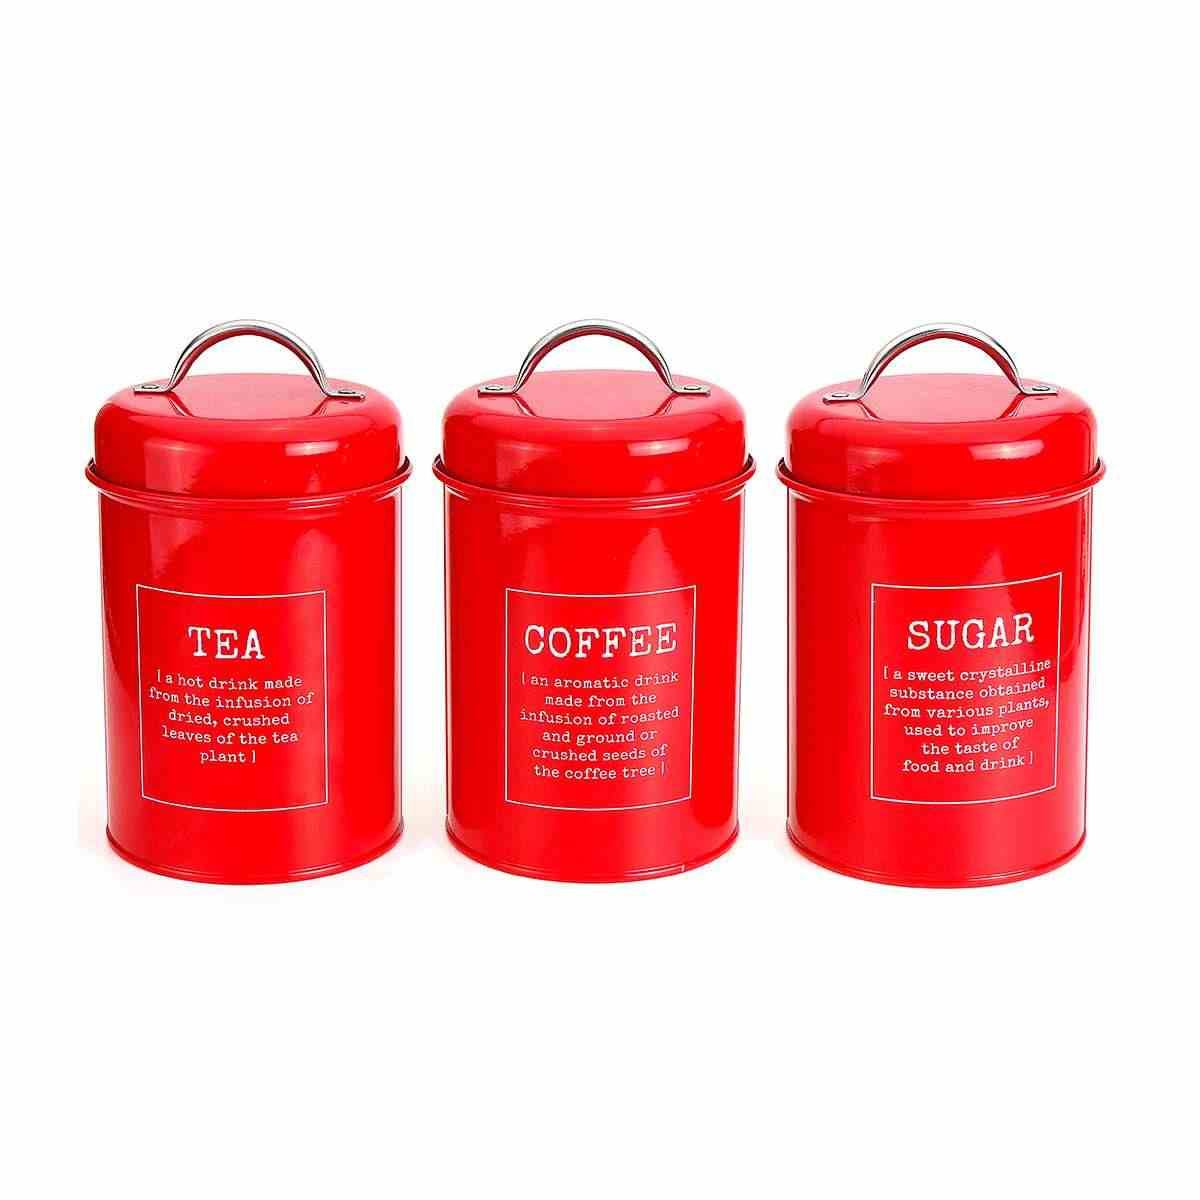 3 قطعة/المجموعة خزان غطاء للصدأ أواني المطبخ متعددة الوظائف شاي بالسكر صندوق قهوة حالة المنزلية الغذاء علبة وجبة خفيفة خزان